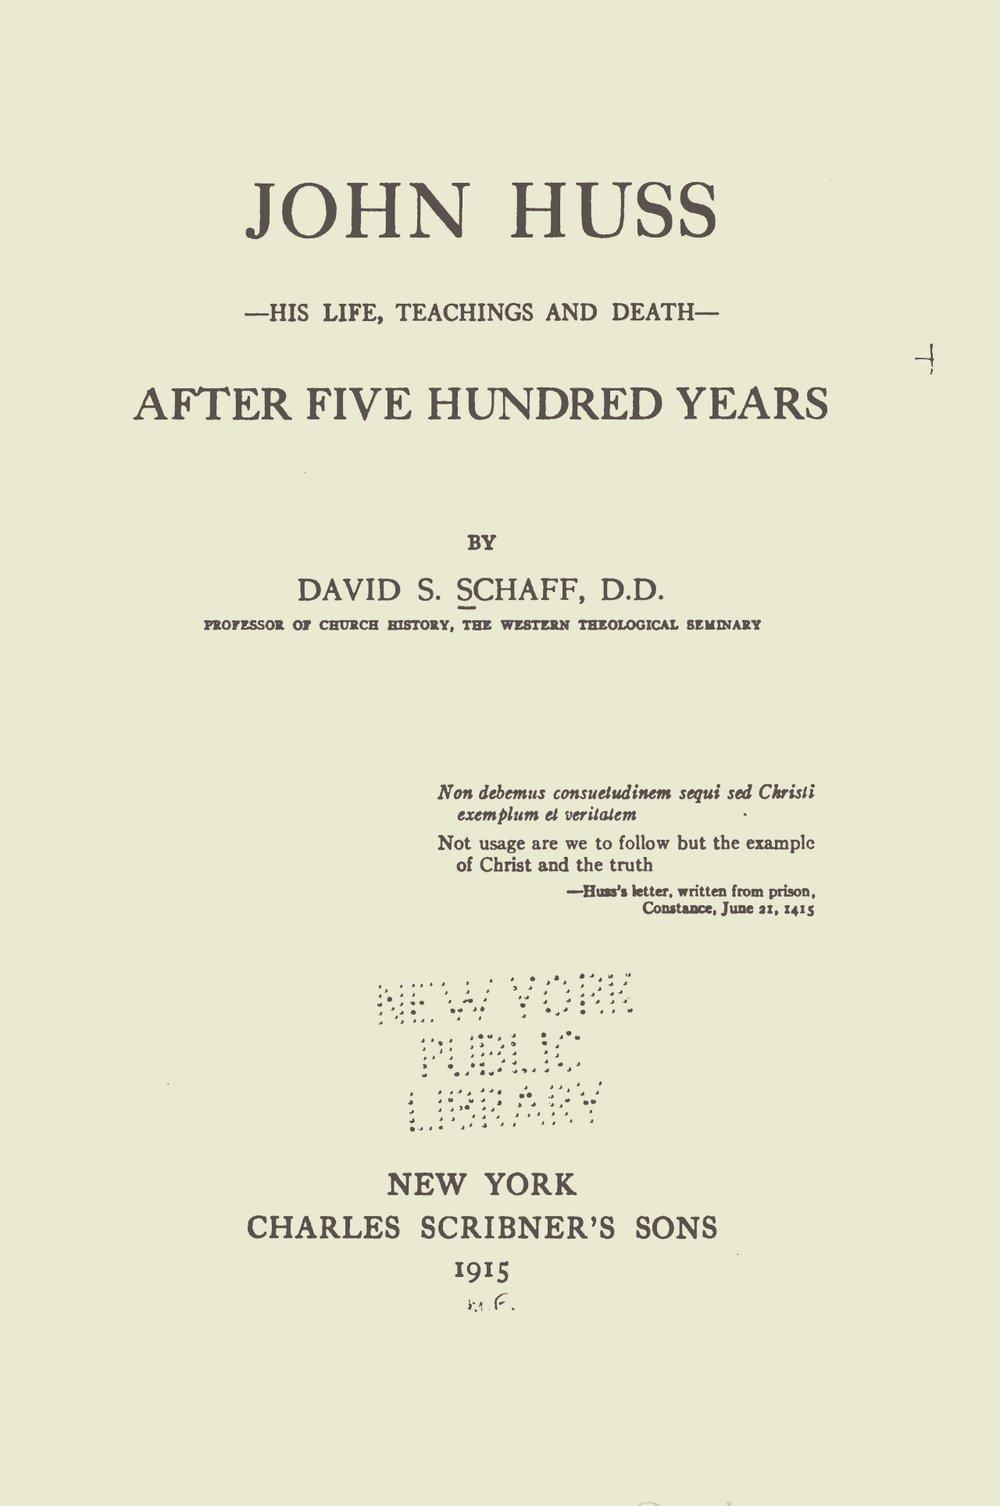 Schaff%2C+David+Schley%2C+John+Huss+Title+Page+2.jpg